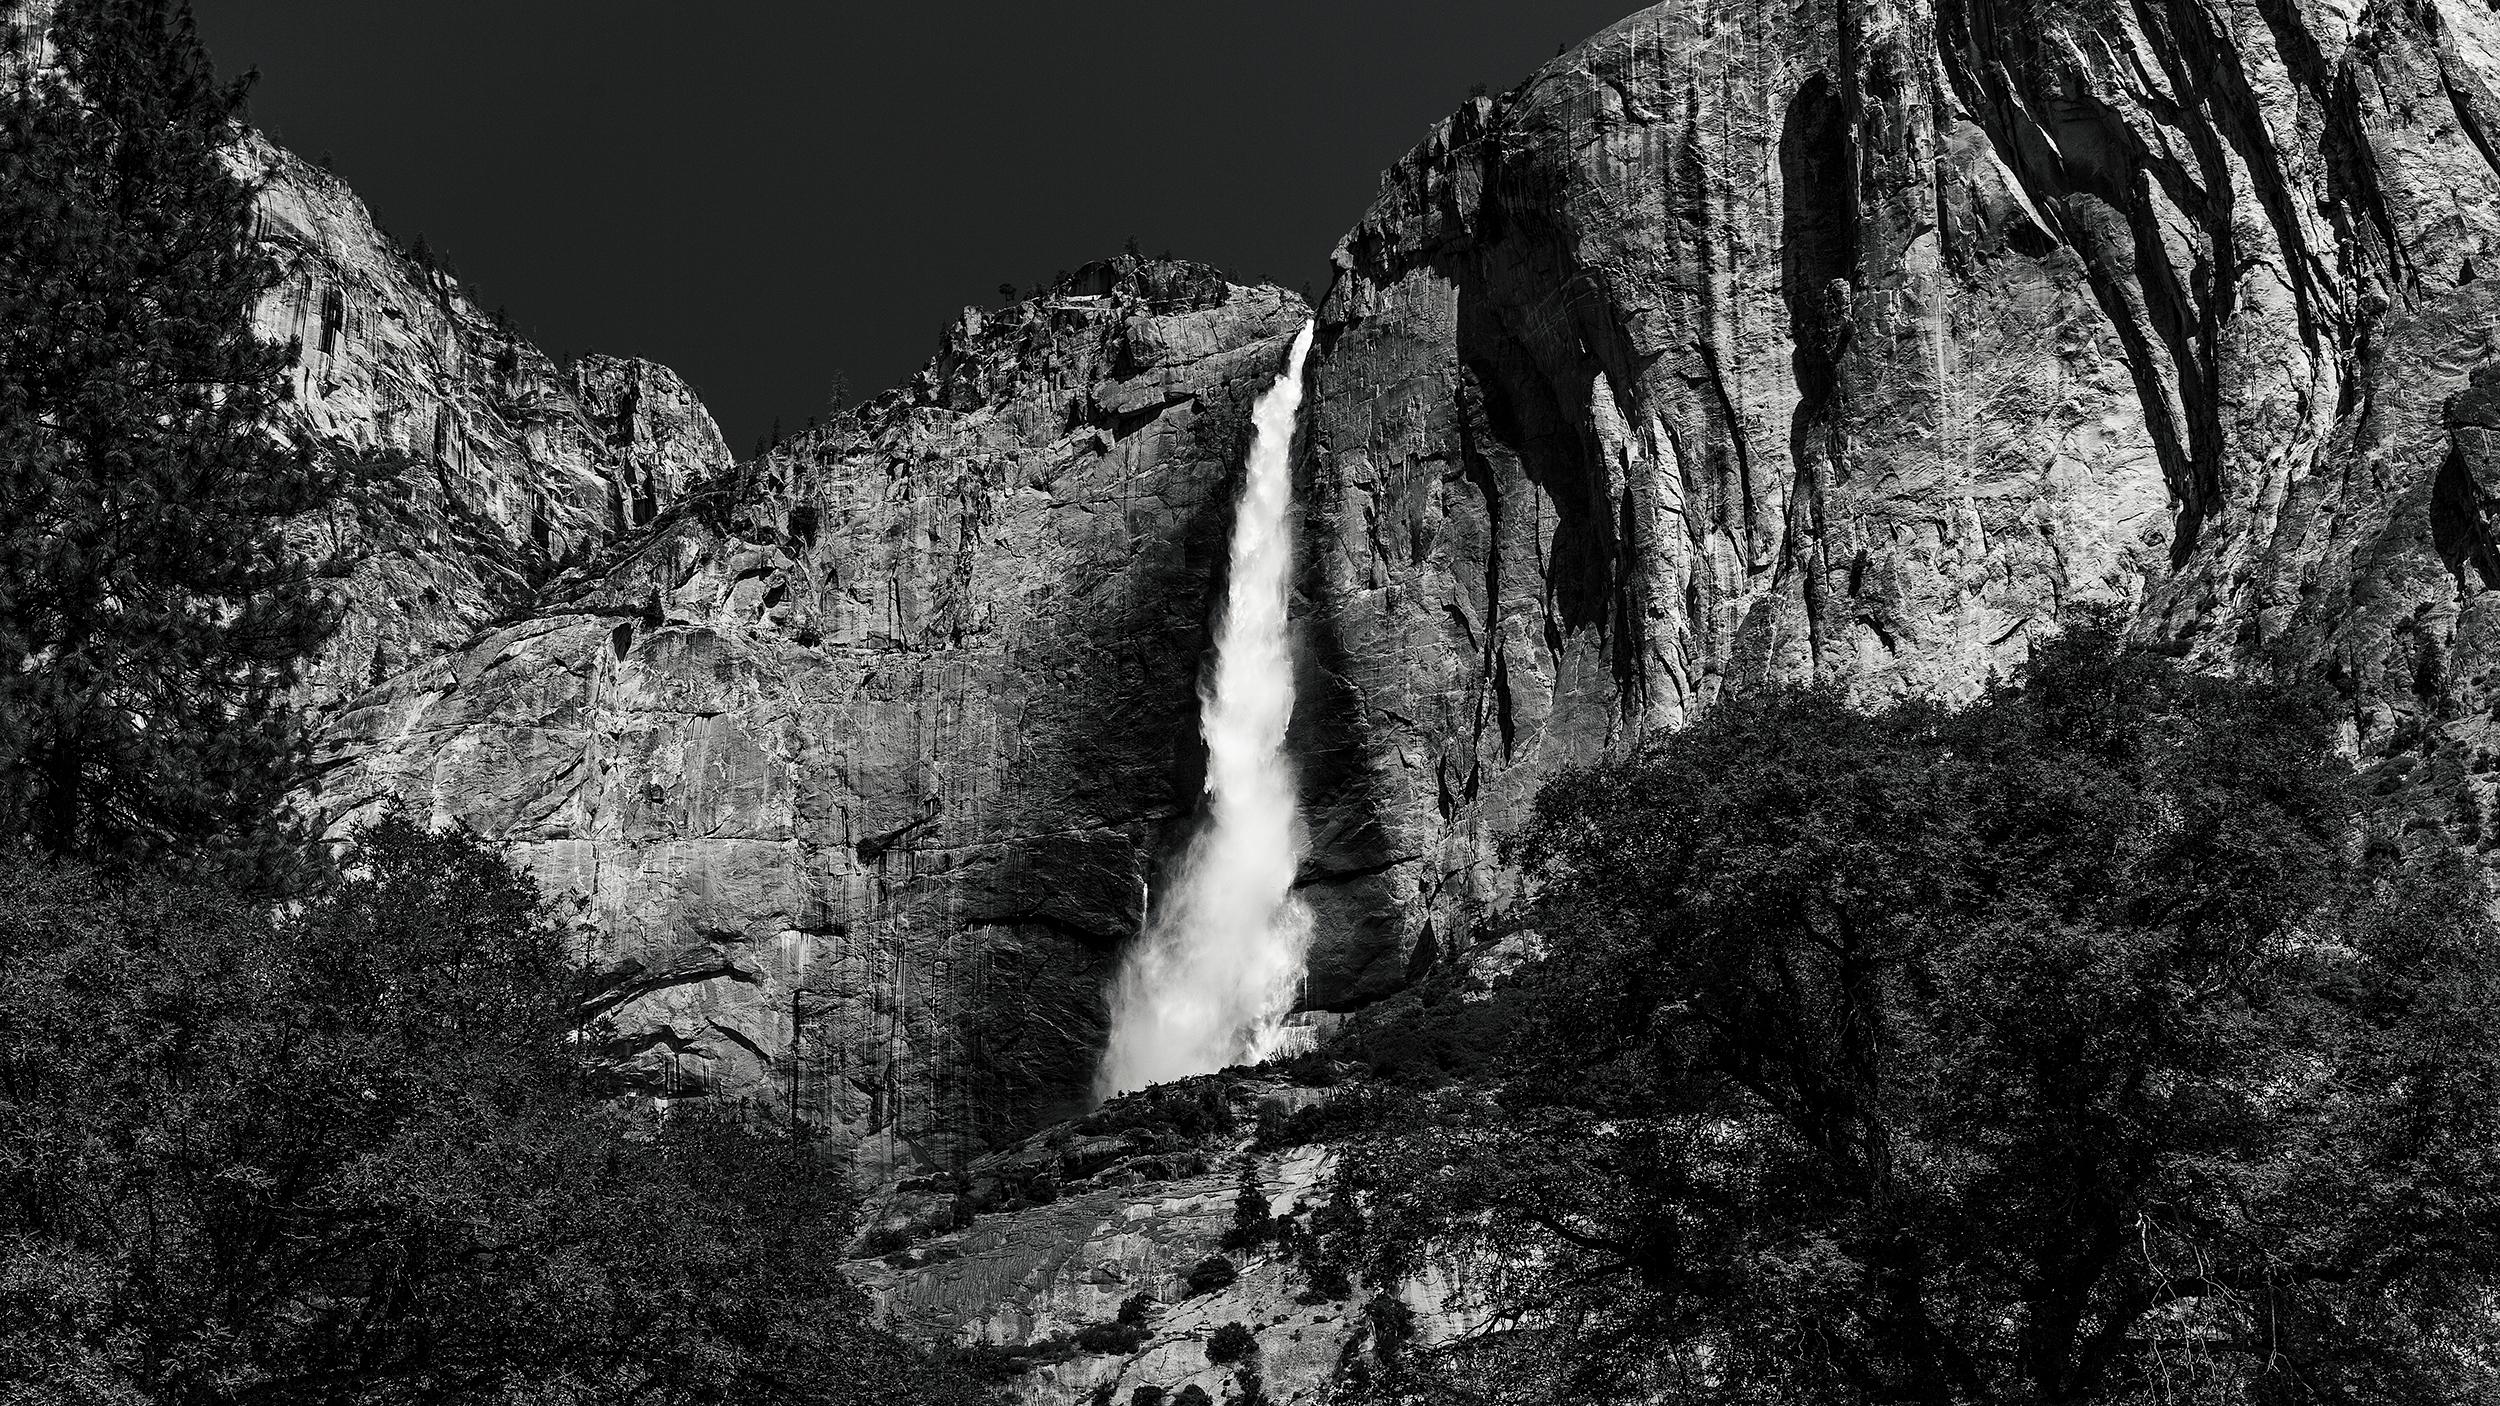 Upper Yosemite Falls 60mm F/9 1/160 sec ISO 100